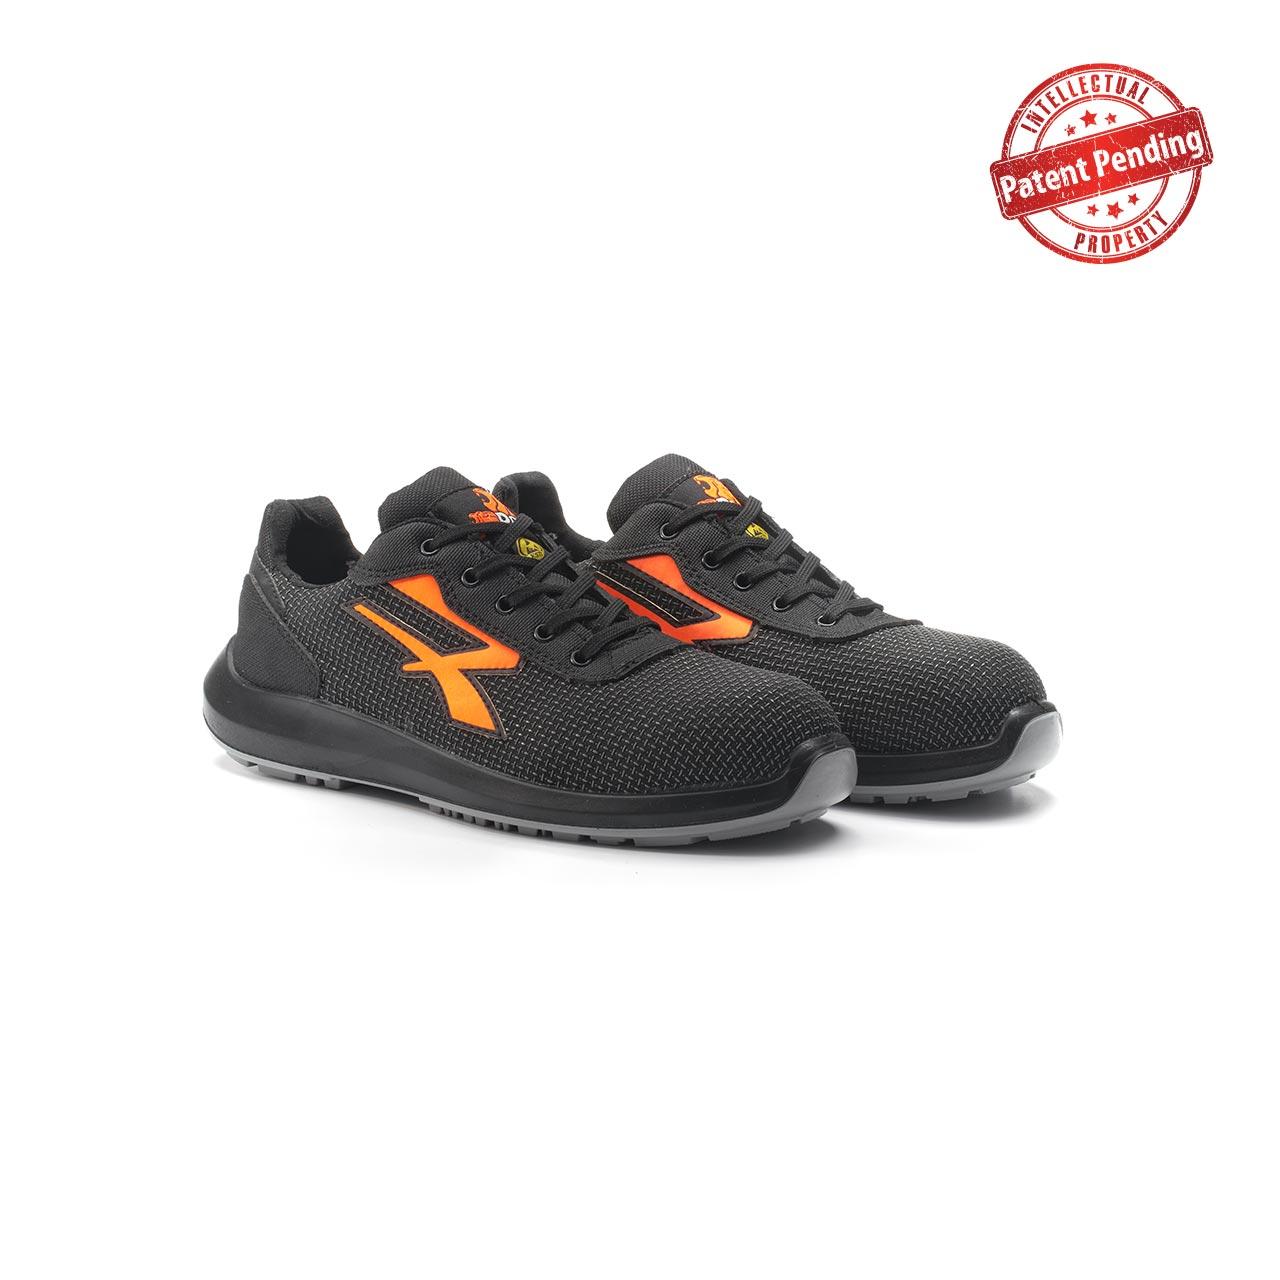 paio di scarpe antinfortunistiche upower modello taurus linea redup vista prospettica